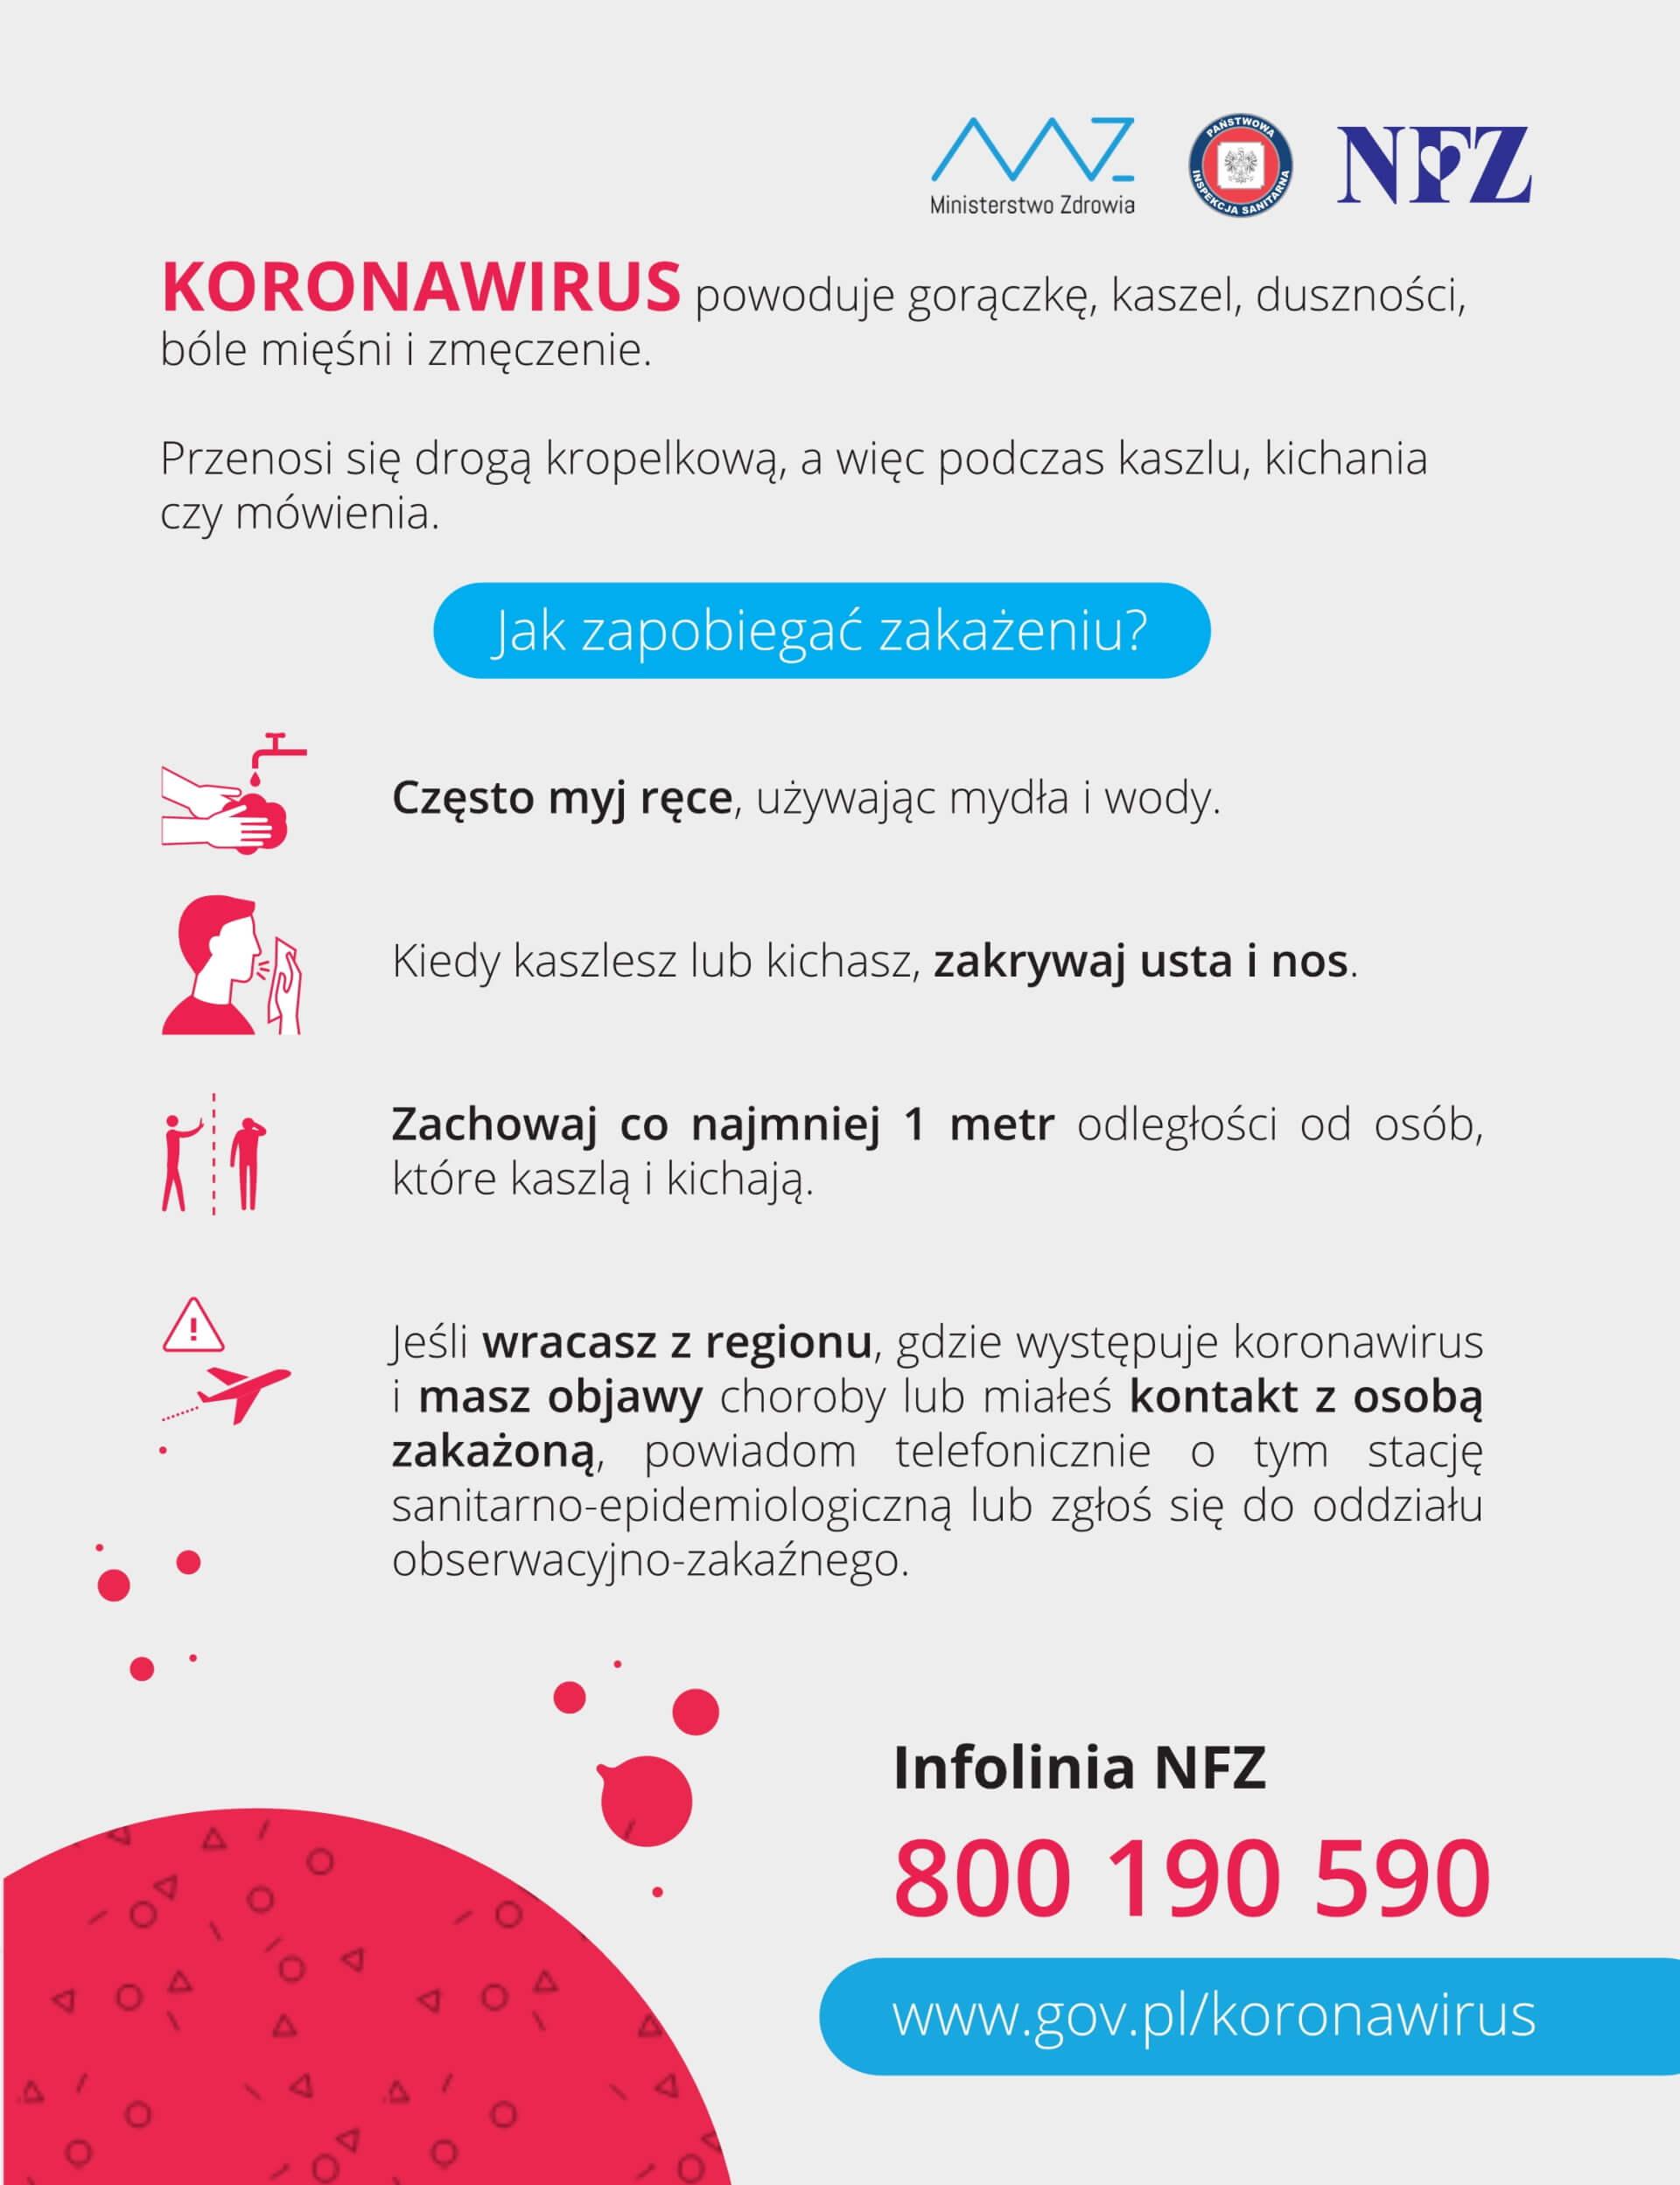 Ulotka zawierająca informacje na temat koronawirusa